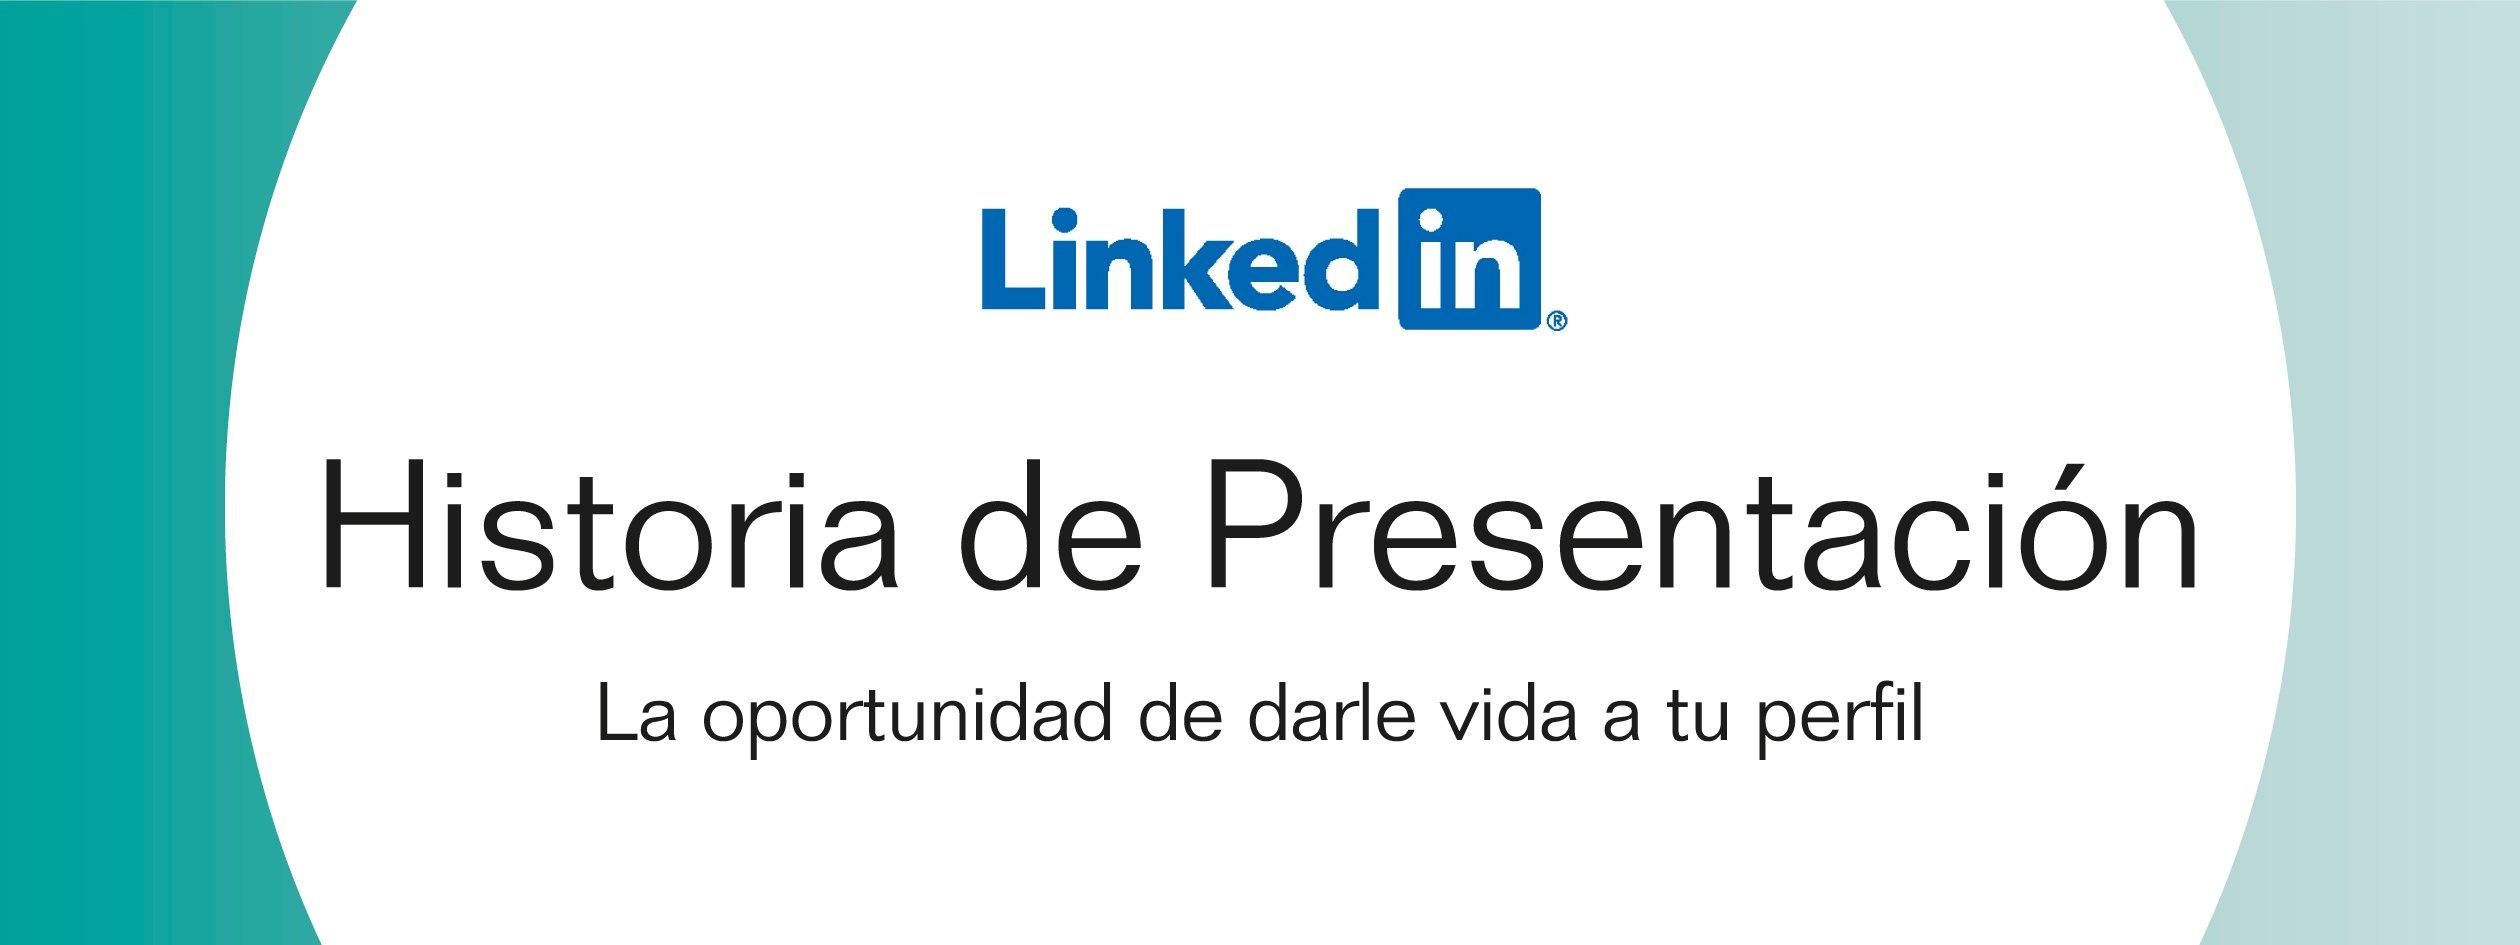 Historia de Presentación en LinkedIn por Guillem Recolons